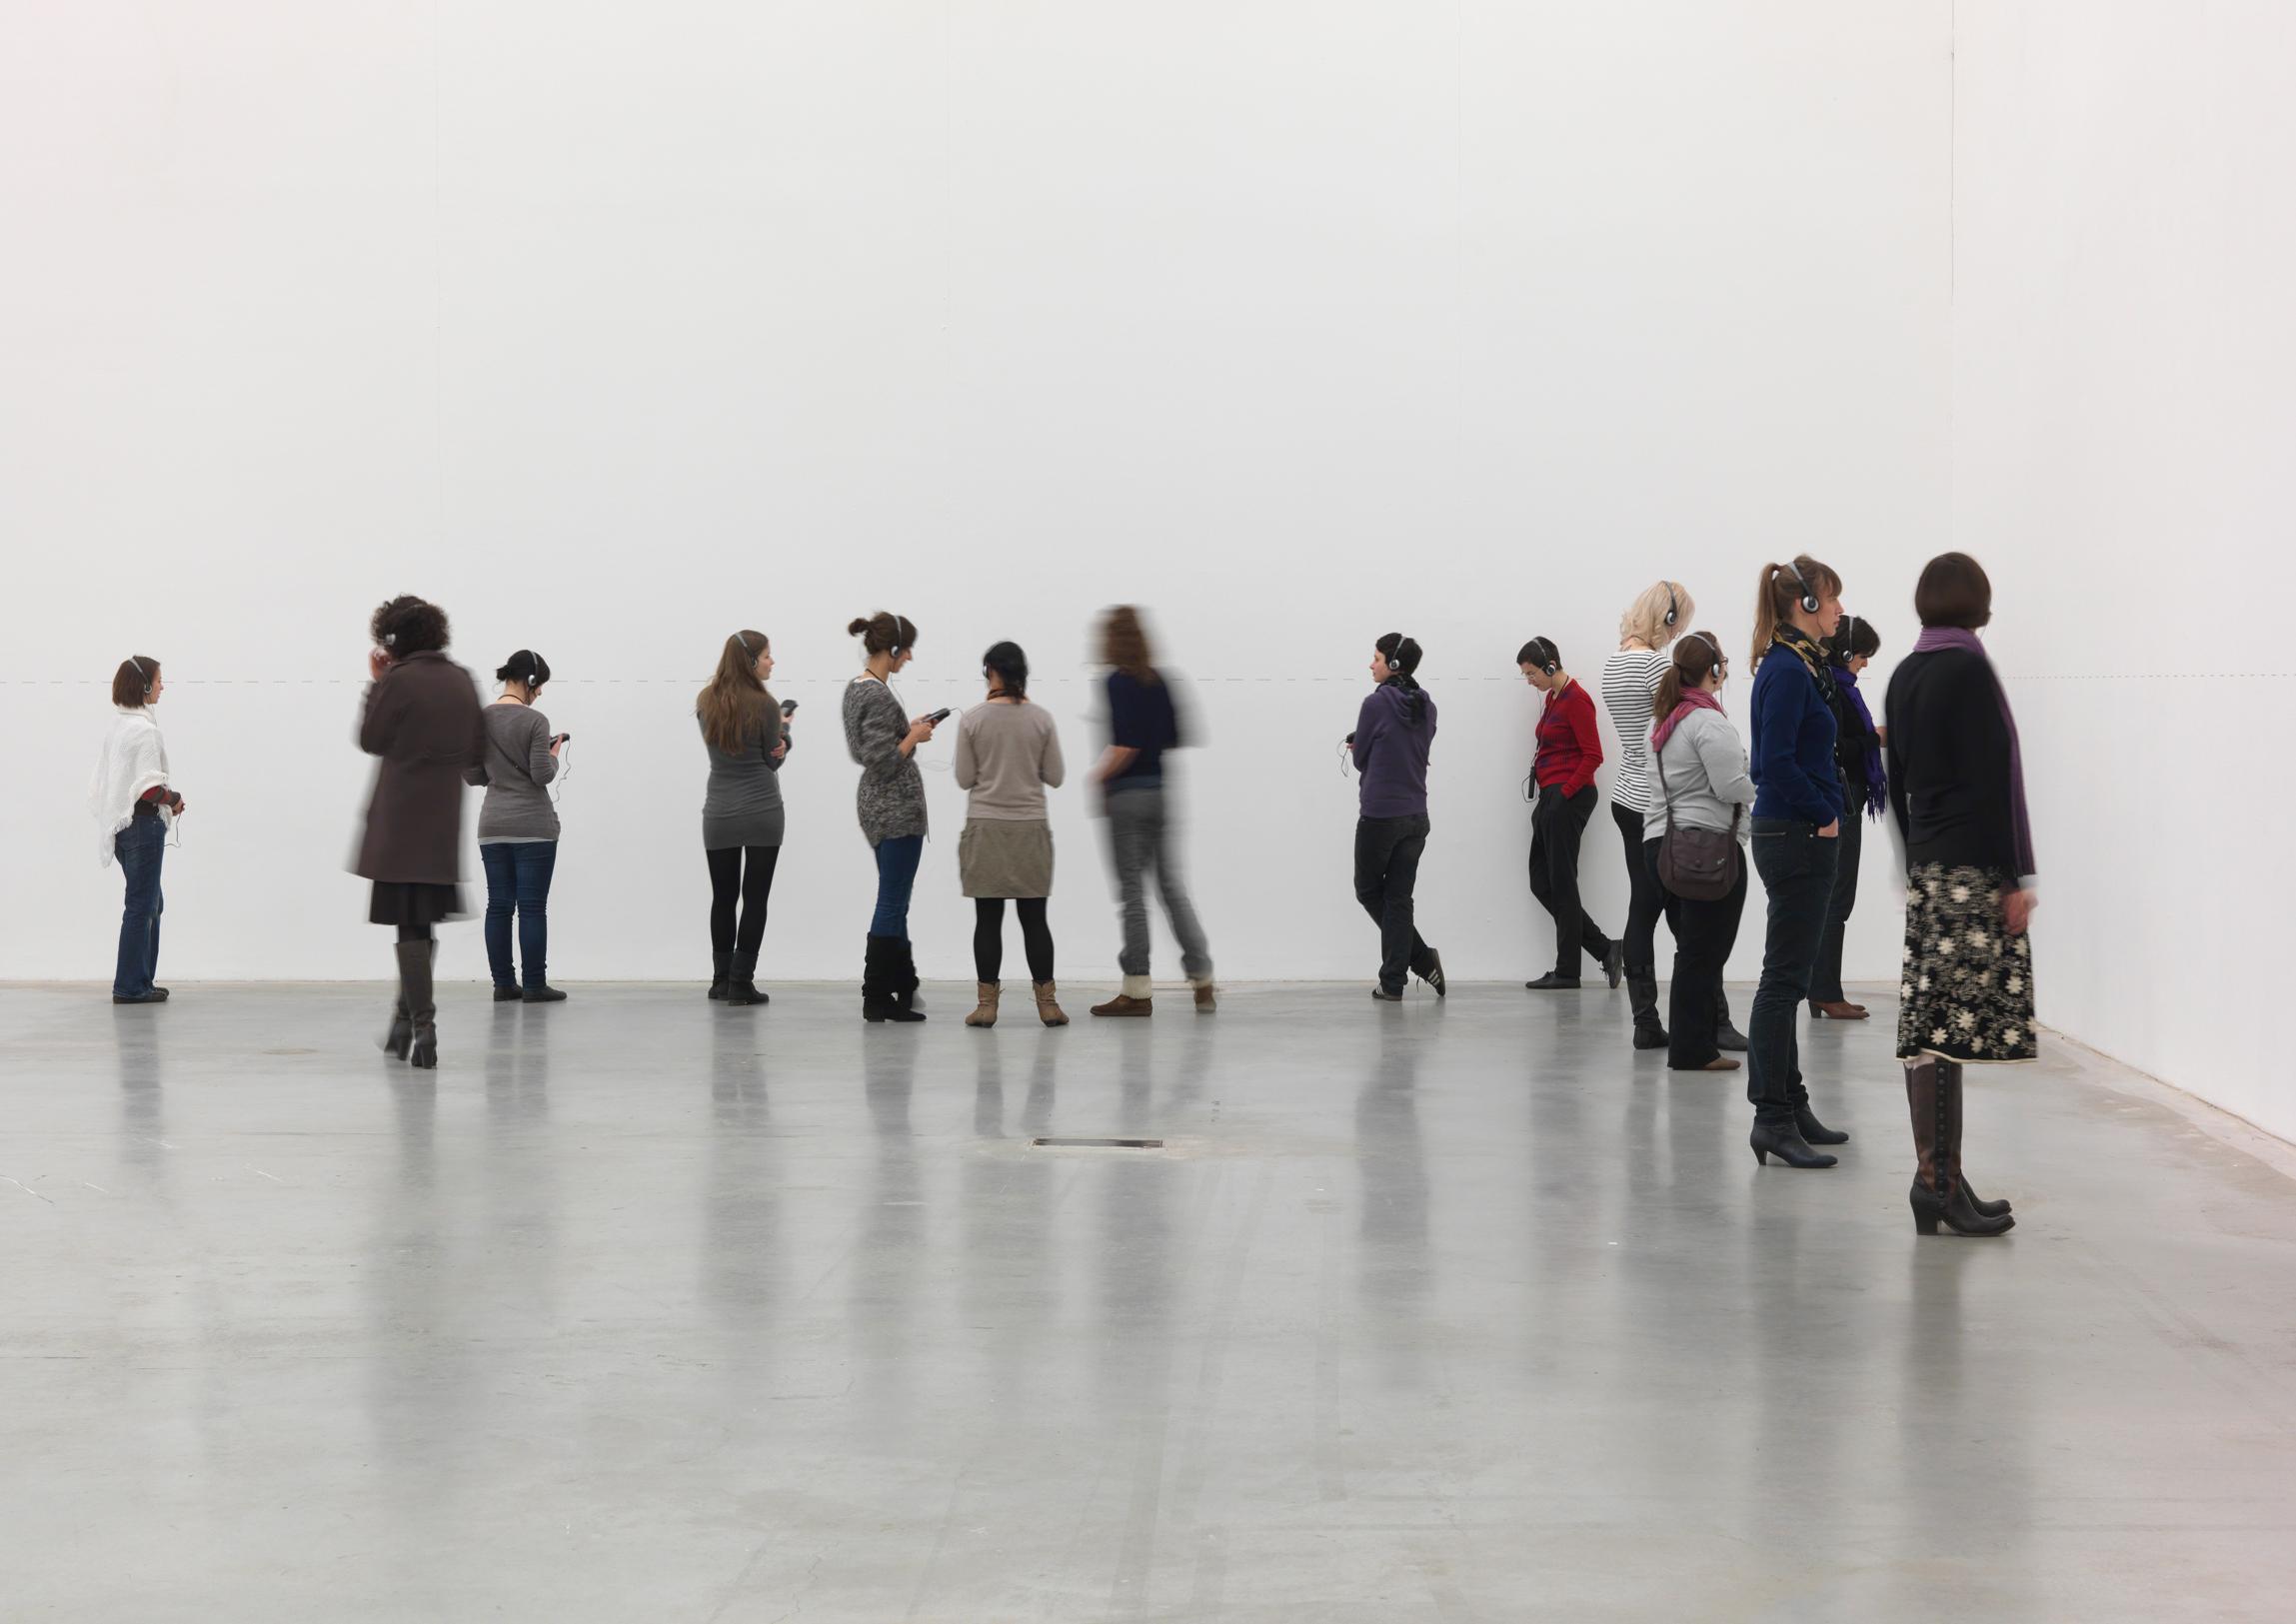 Karin Sander: ZEIGEN. Eine Audiotour. Foto: Jens Ziehe, 2010. Courtesy of the artist, Esther Schipper Galerie, Berlin, Galerie nächst St. Stephan, Wien, Galería Helga de Alvear, Madrid / VG Bild-Kunst